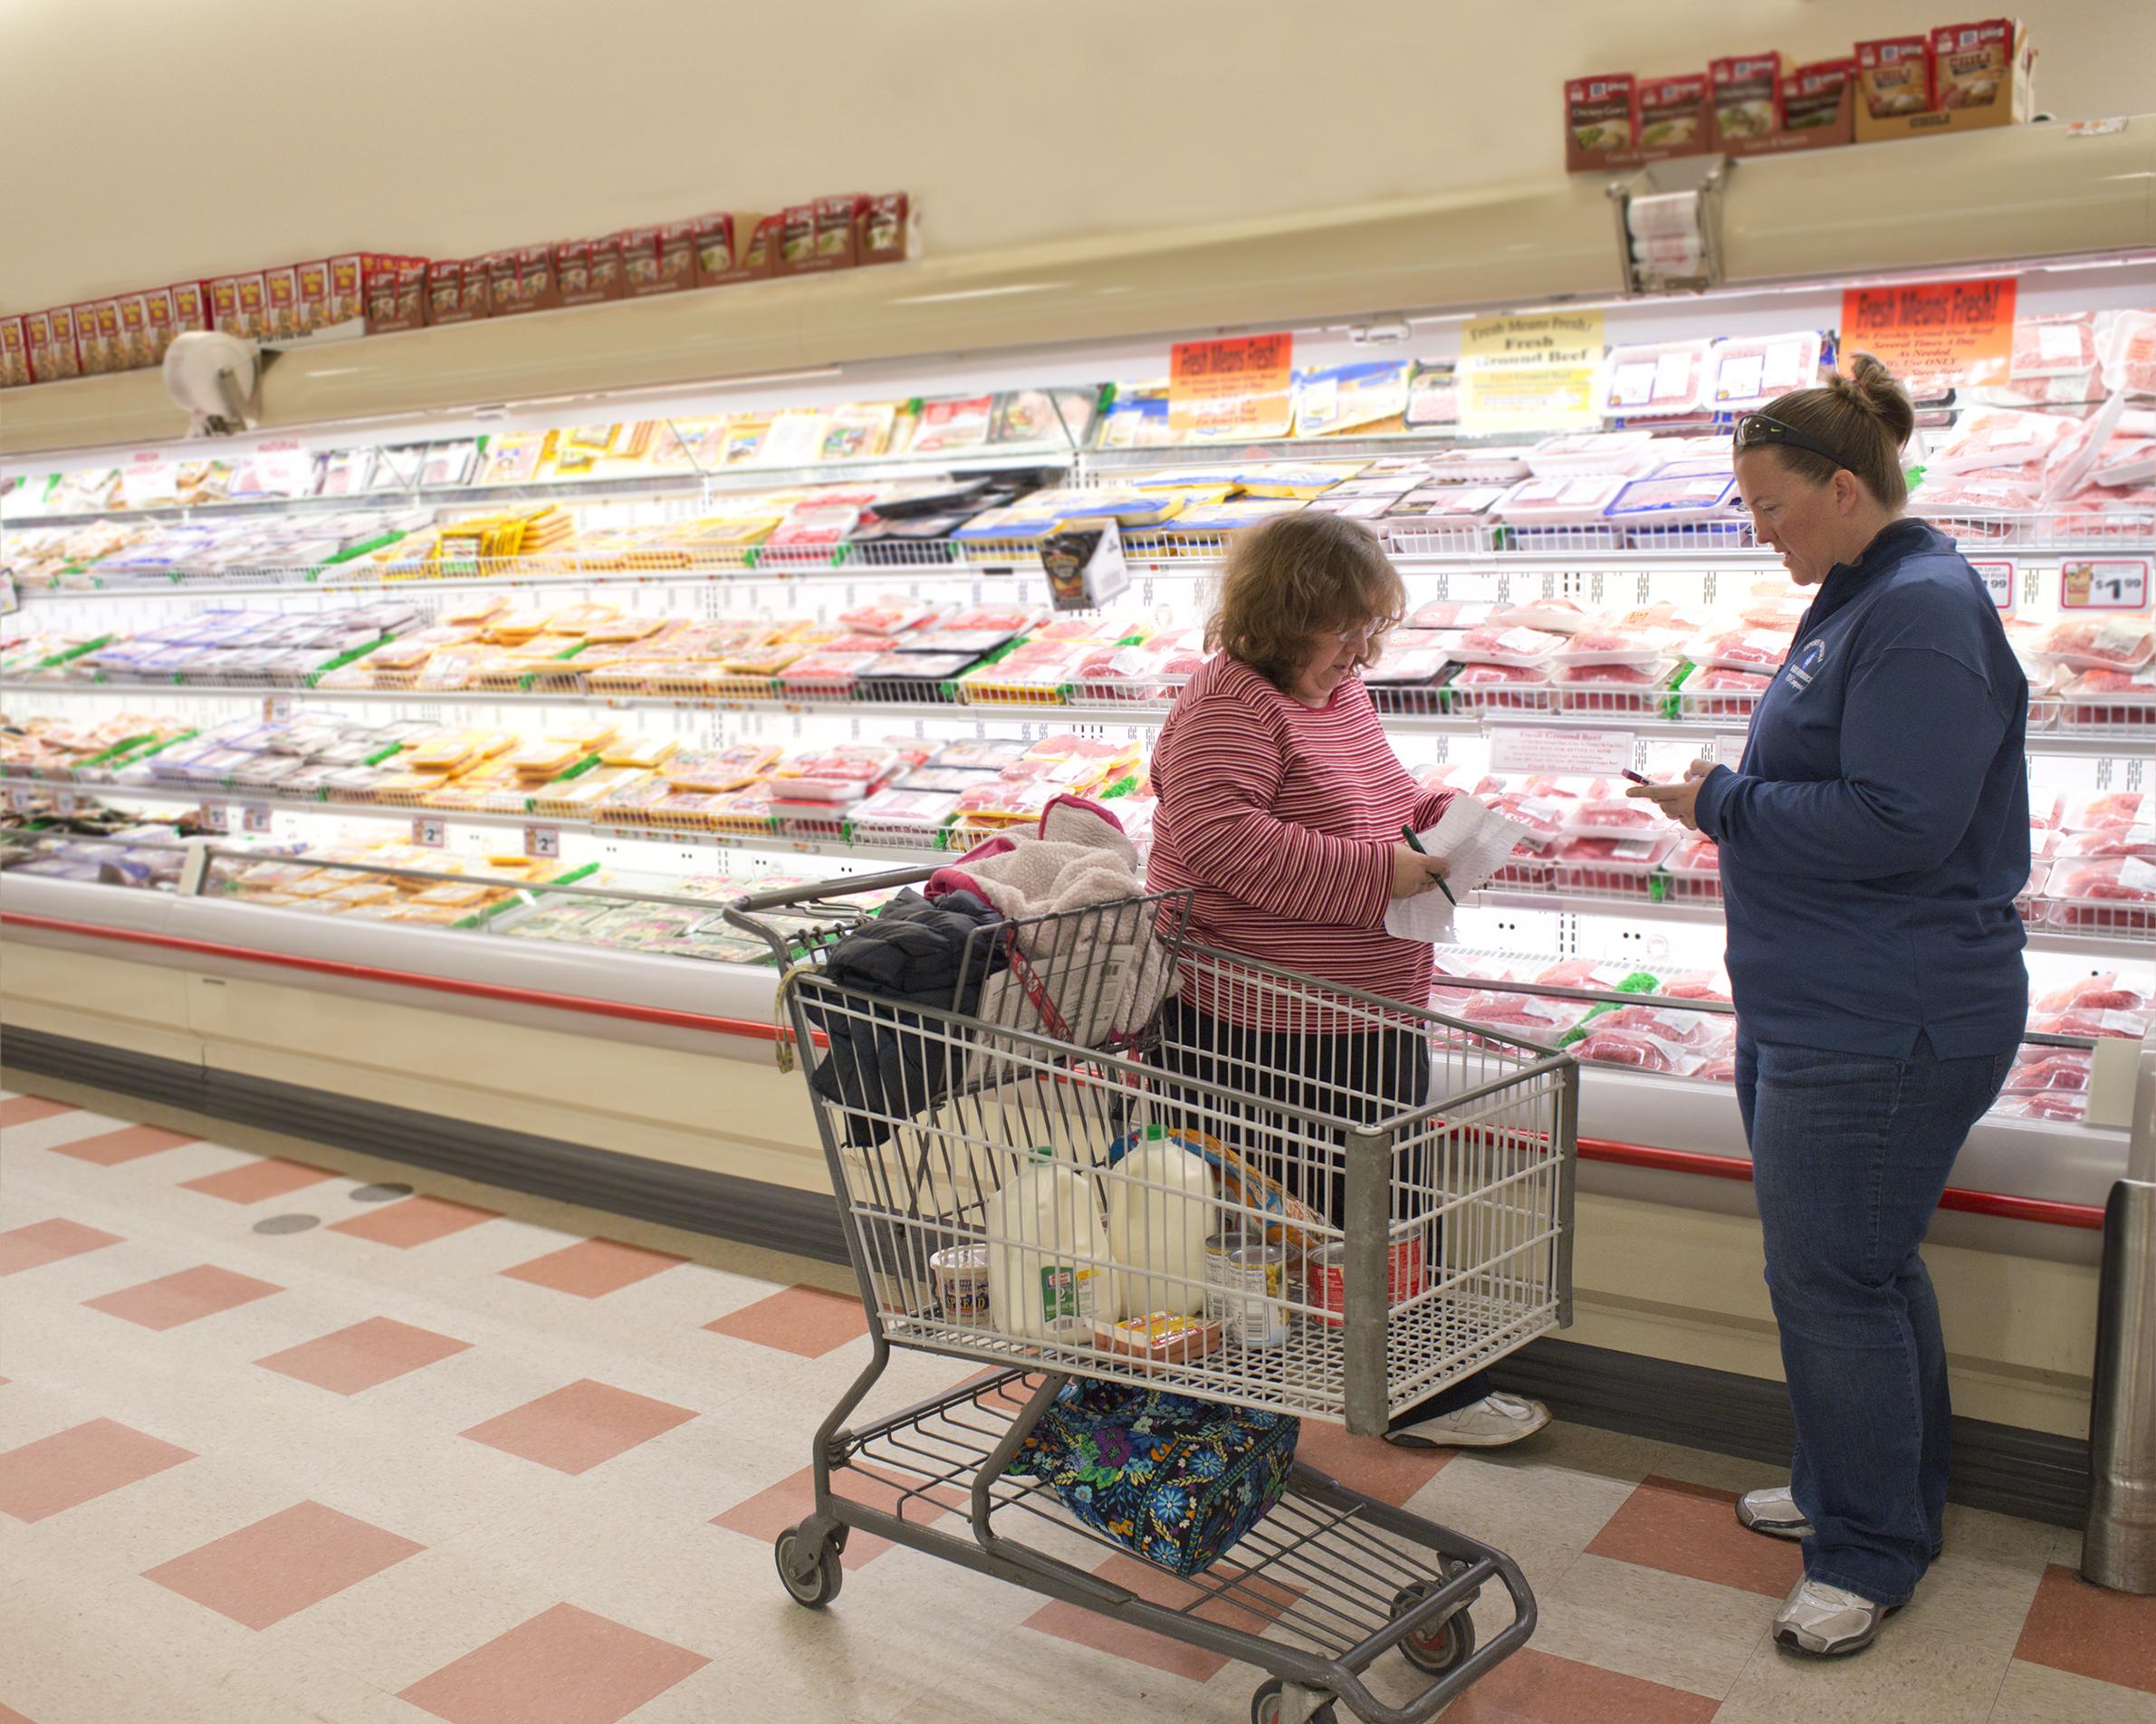 GroceryShopping04.jpg